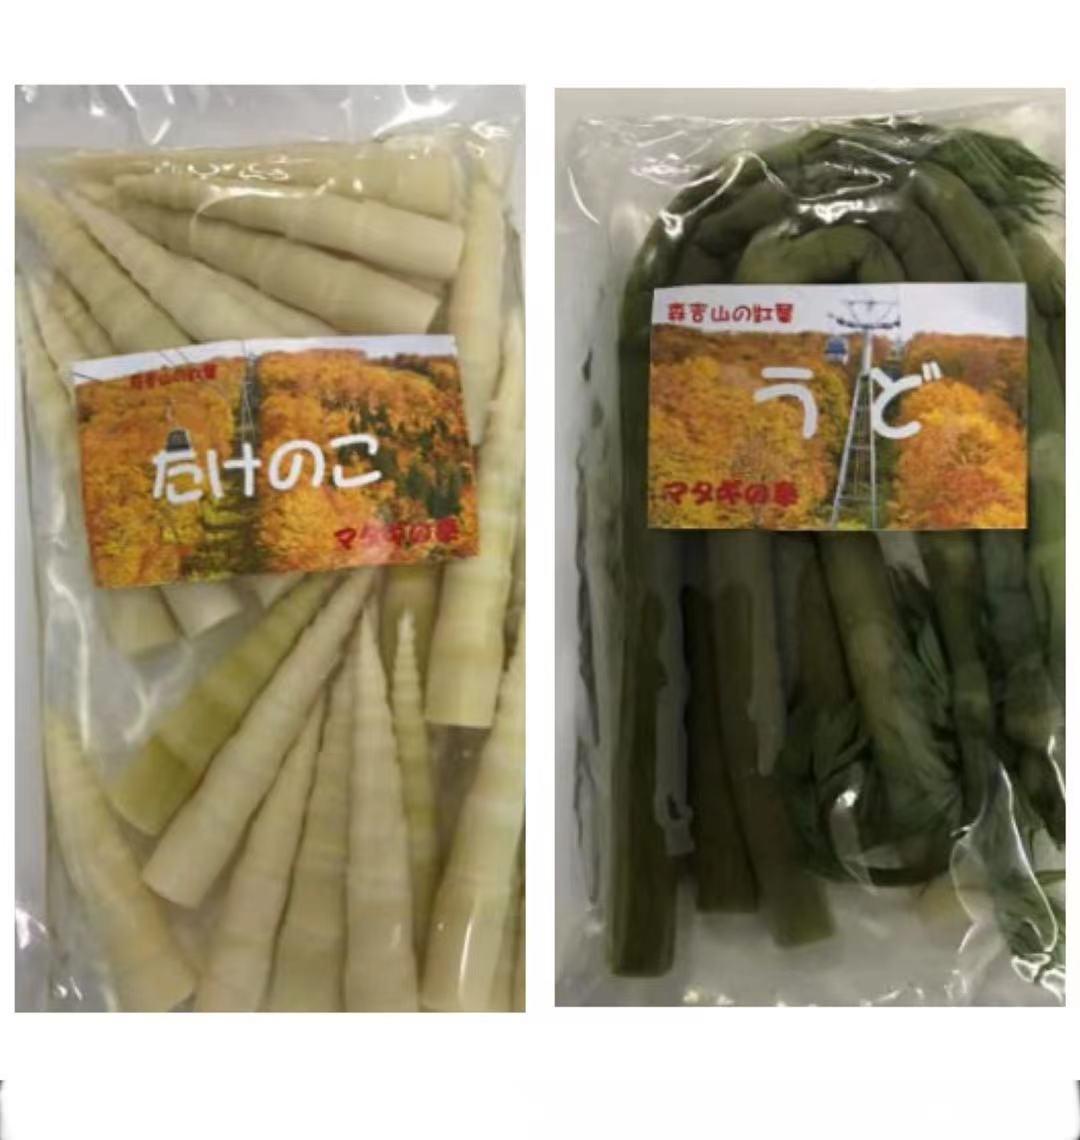 秋田県産 山菜 たけのこ水煮200g うど水煮200g 各1袋 計2袋